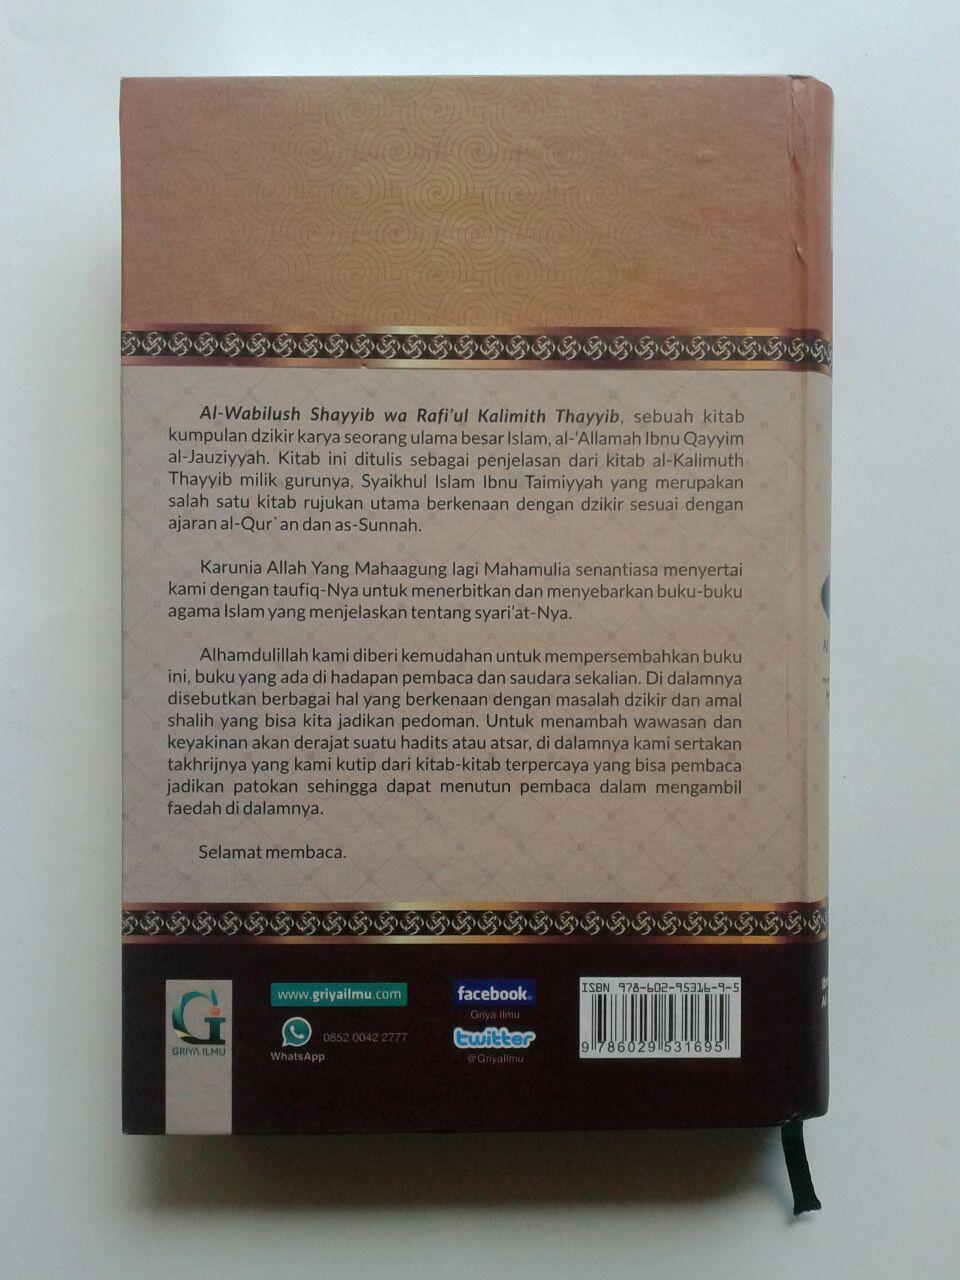 Buku Al-Wabilush Shayyib Meningkatkan Dzikir Amal Shalih 100.000 20% 80.000 Griya Ilmu Ibnul Qayyim Al-Jauziyyah isi